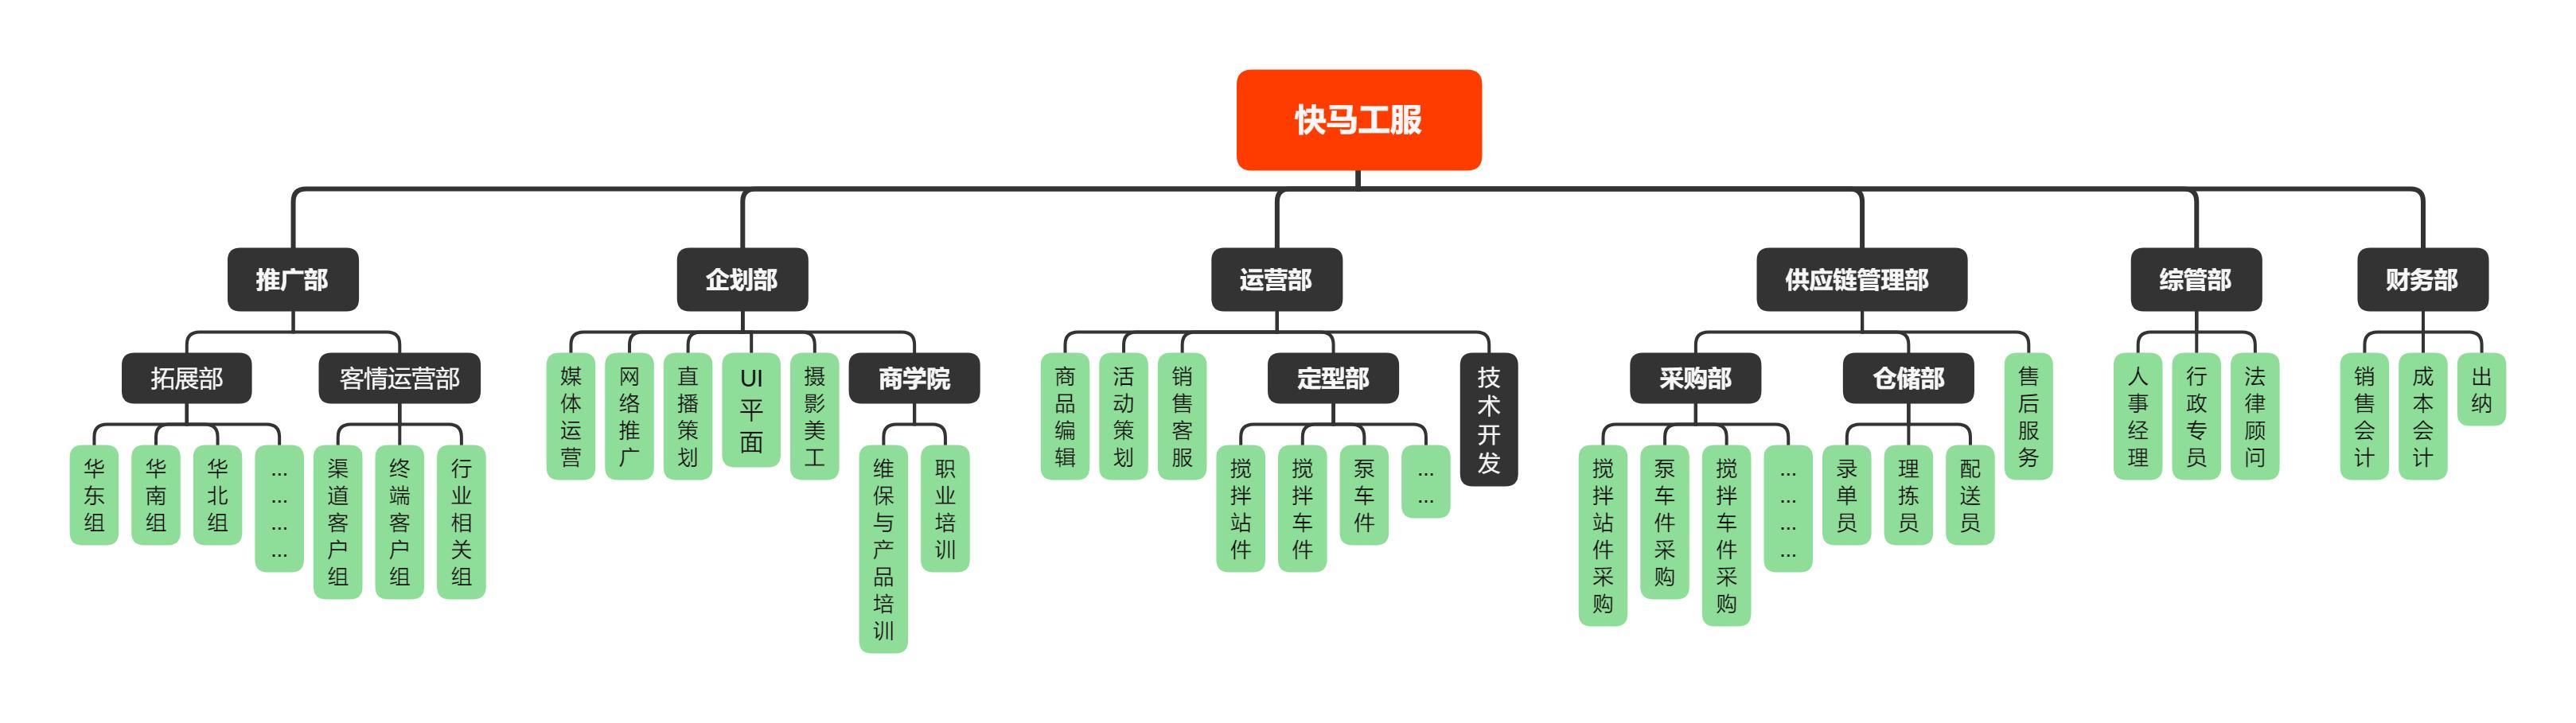 快马工服-架构4